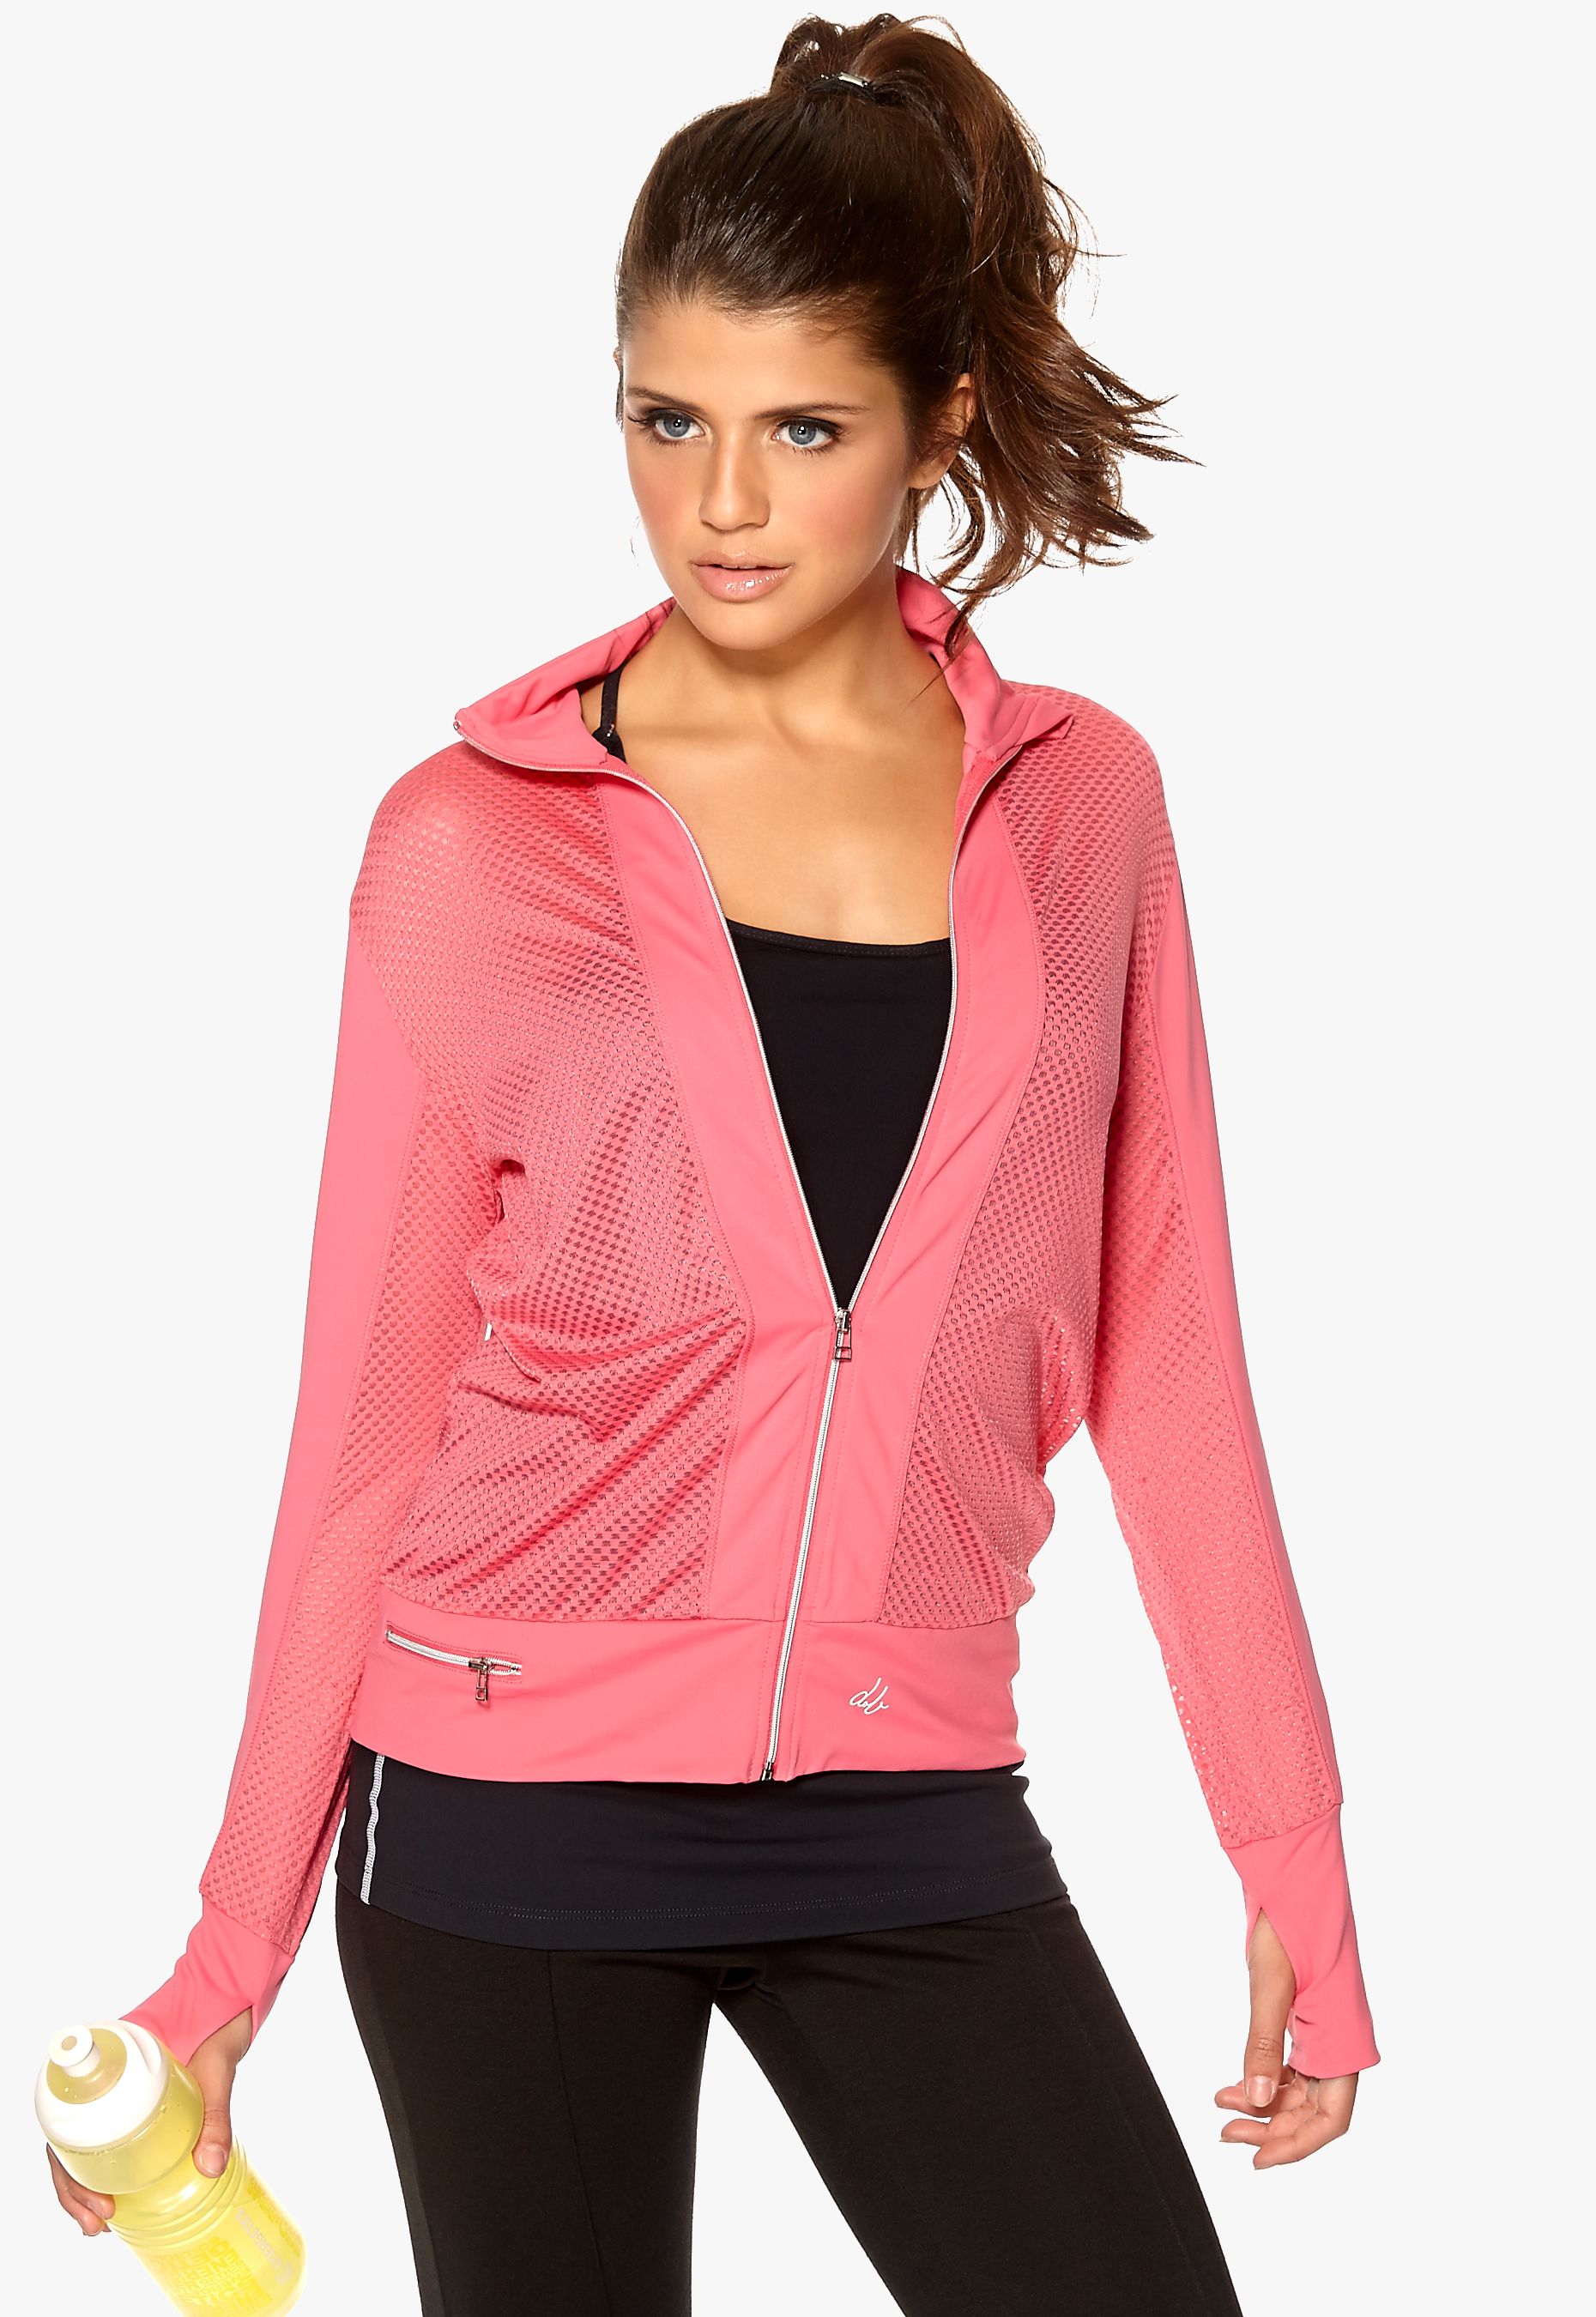 041ea9964e5 D.Brand Ladies Mesh Track Top Pink - Bubbleroom